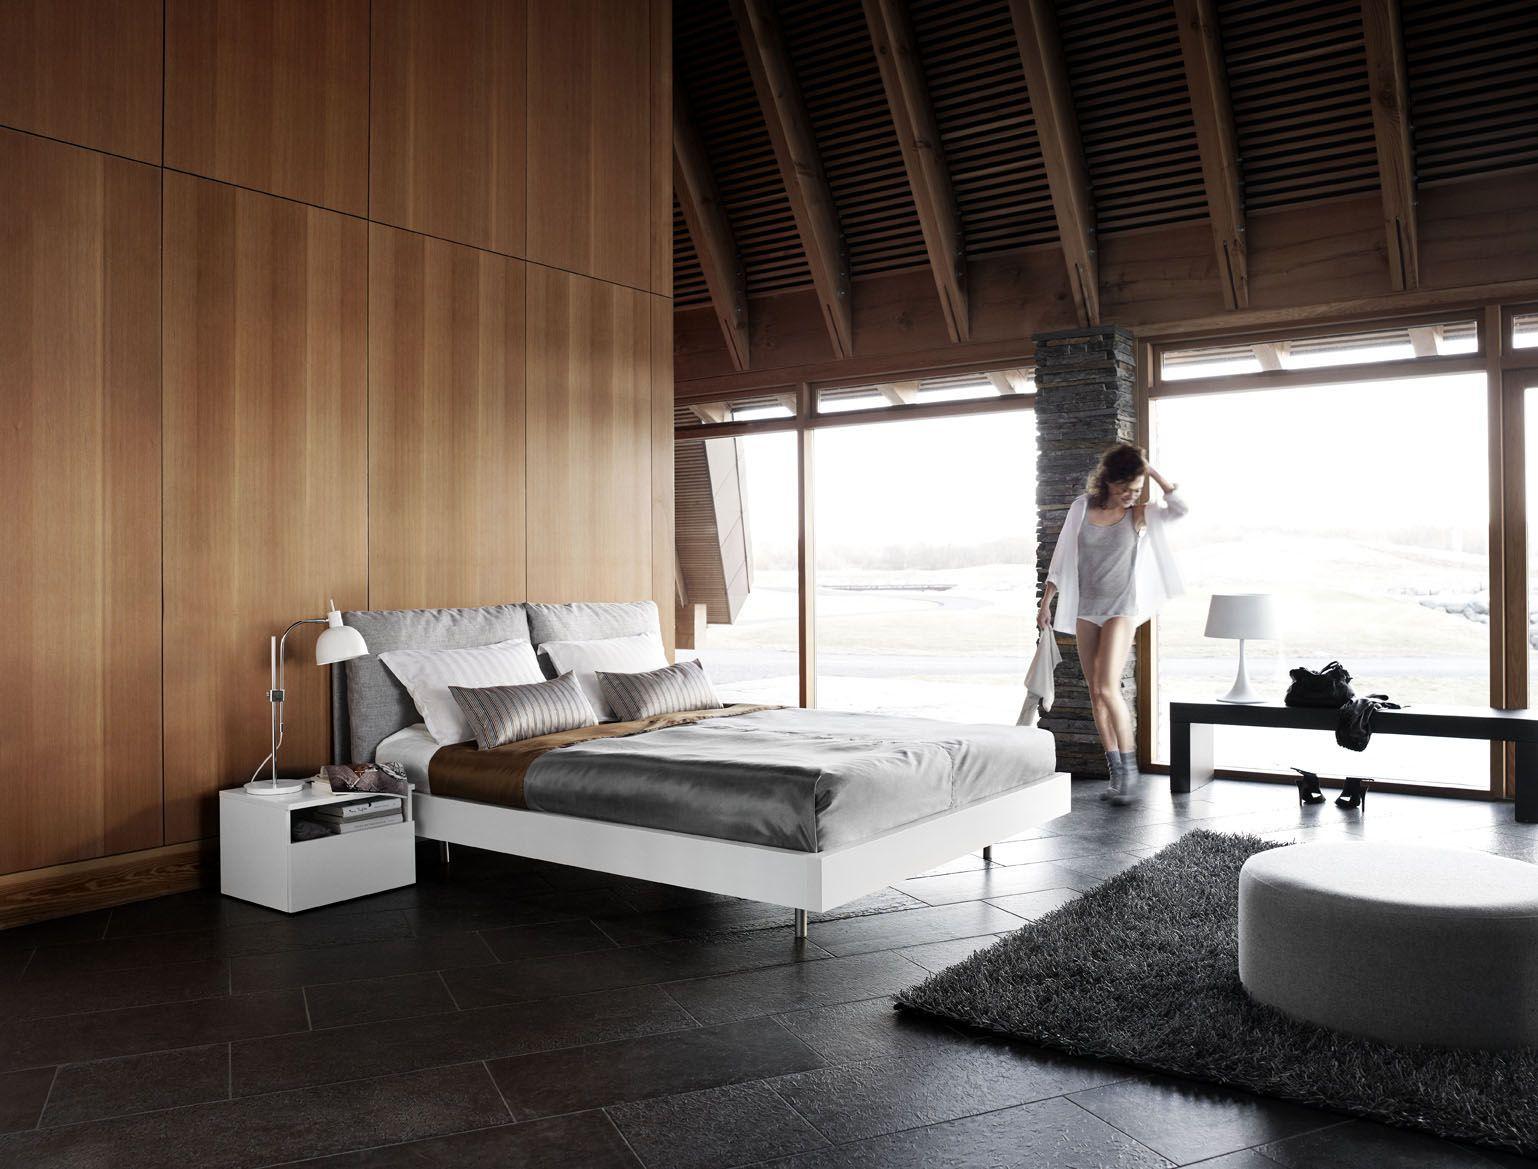 Innenarchitektur von schlafzimmermöbeln bo concept   yellows  interiorexterior  pinterest